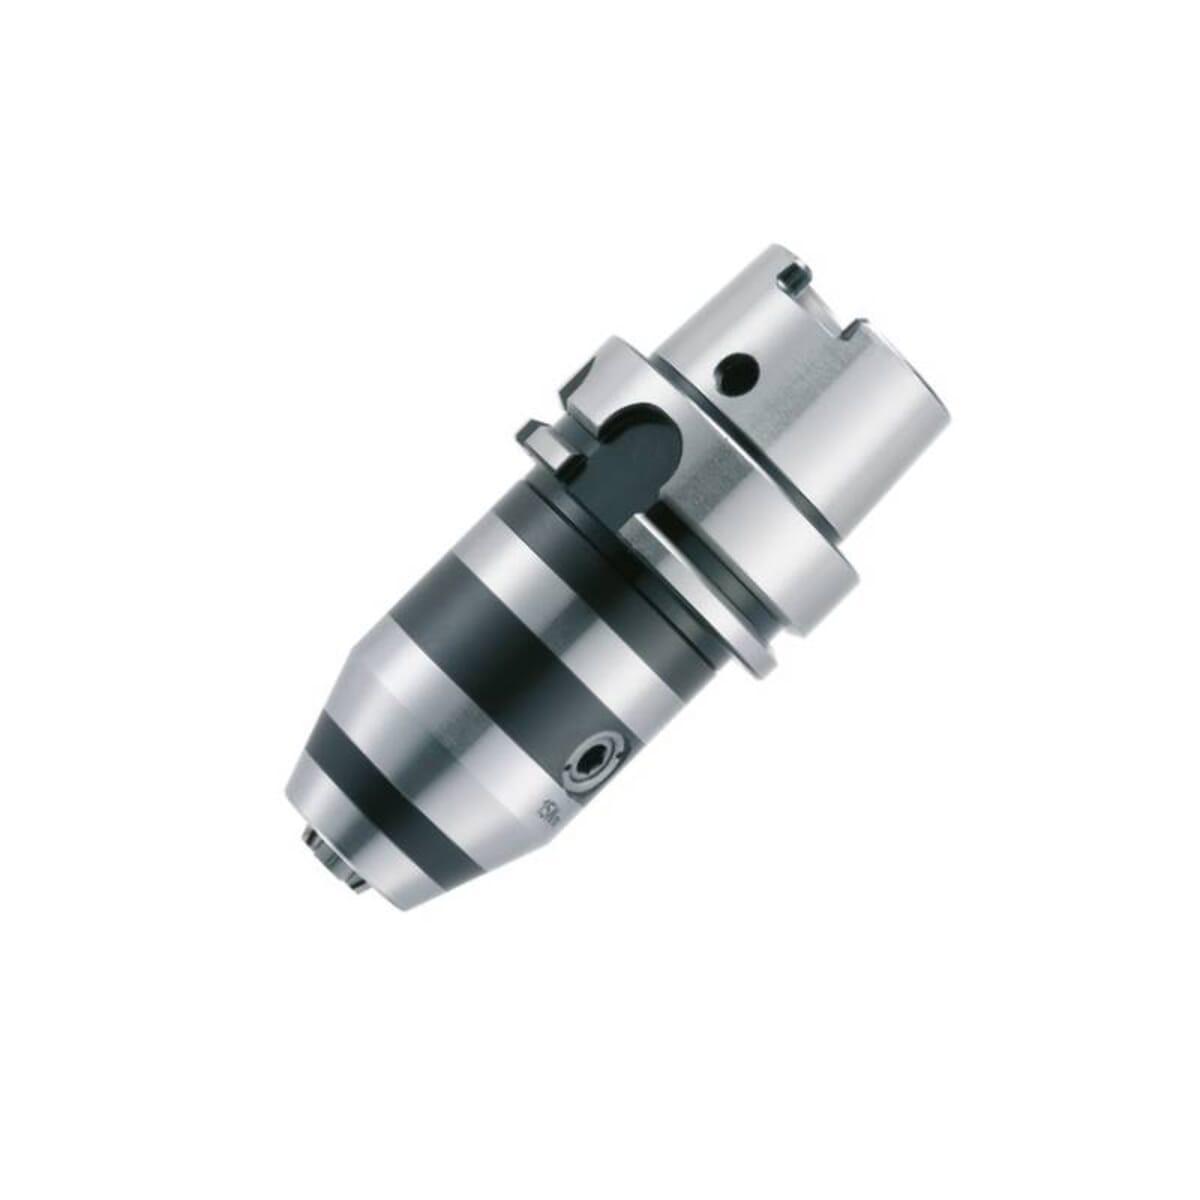 HSK63-A Integral Drill Chucks - 105mm Gauge Length, 50mm Diameter (15000rpm, G6.3)